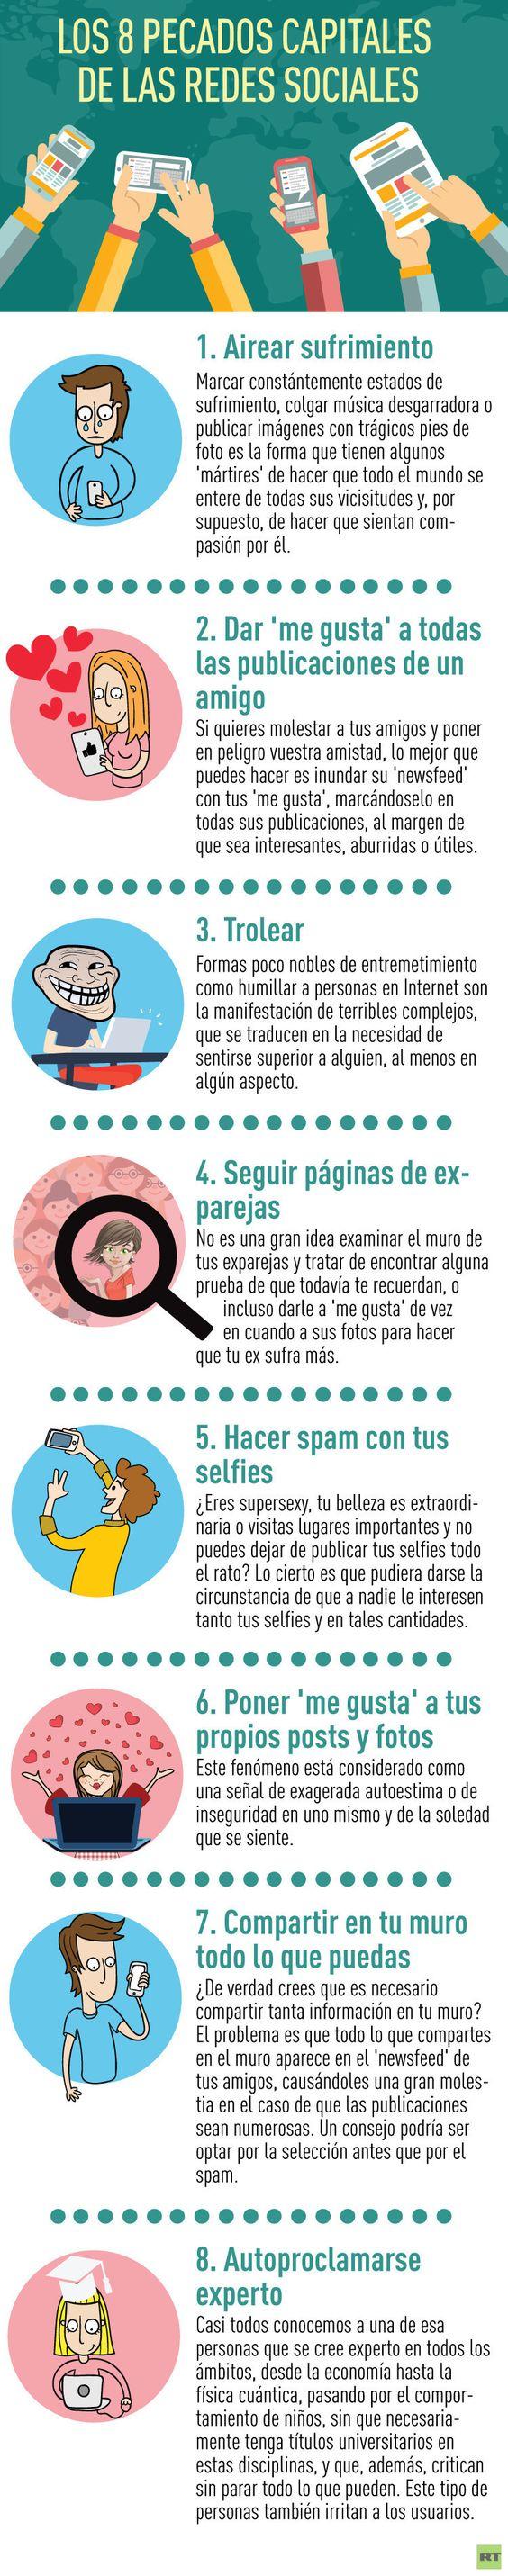 8 pecados capitales de las Redes Sociales #infografia